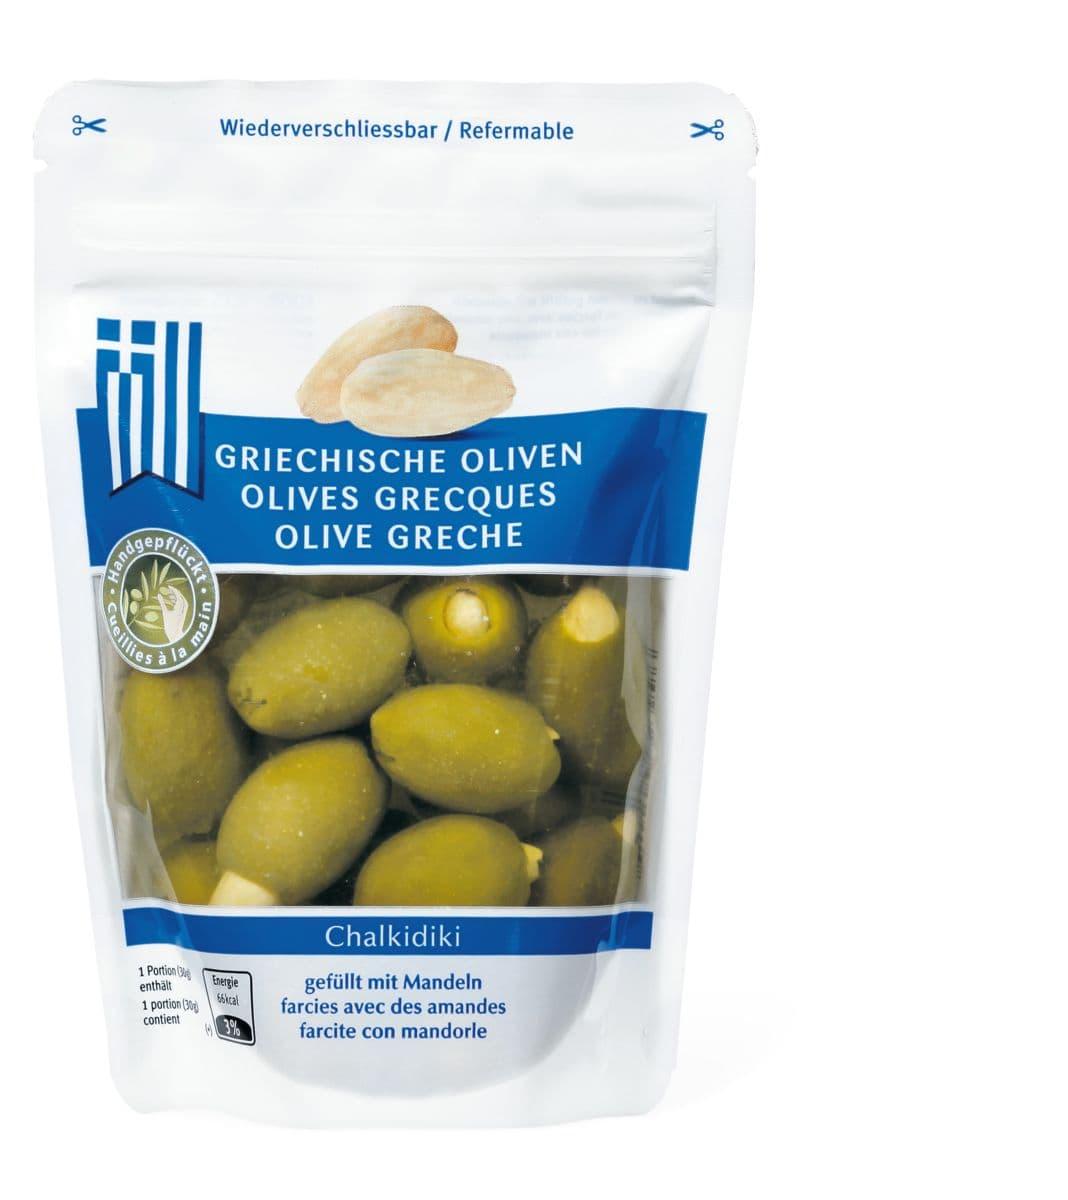 Griechische Oliven gefüllt mit Mandeln